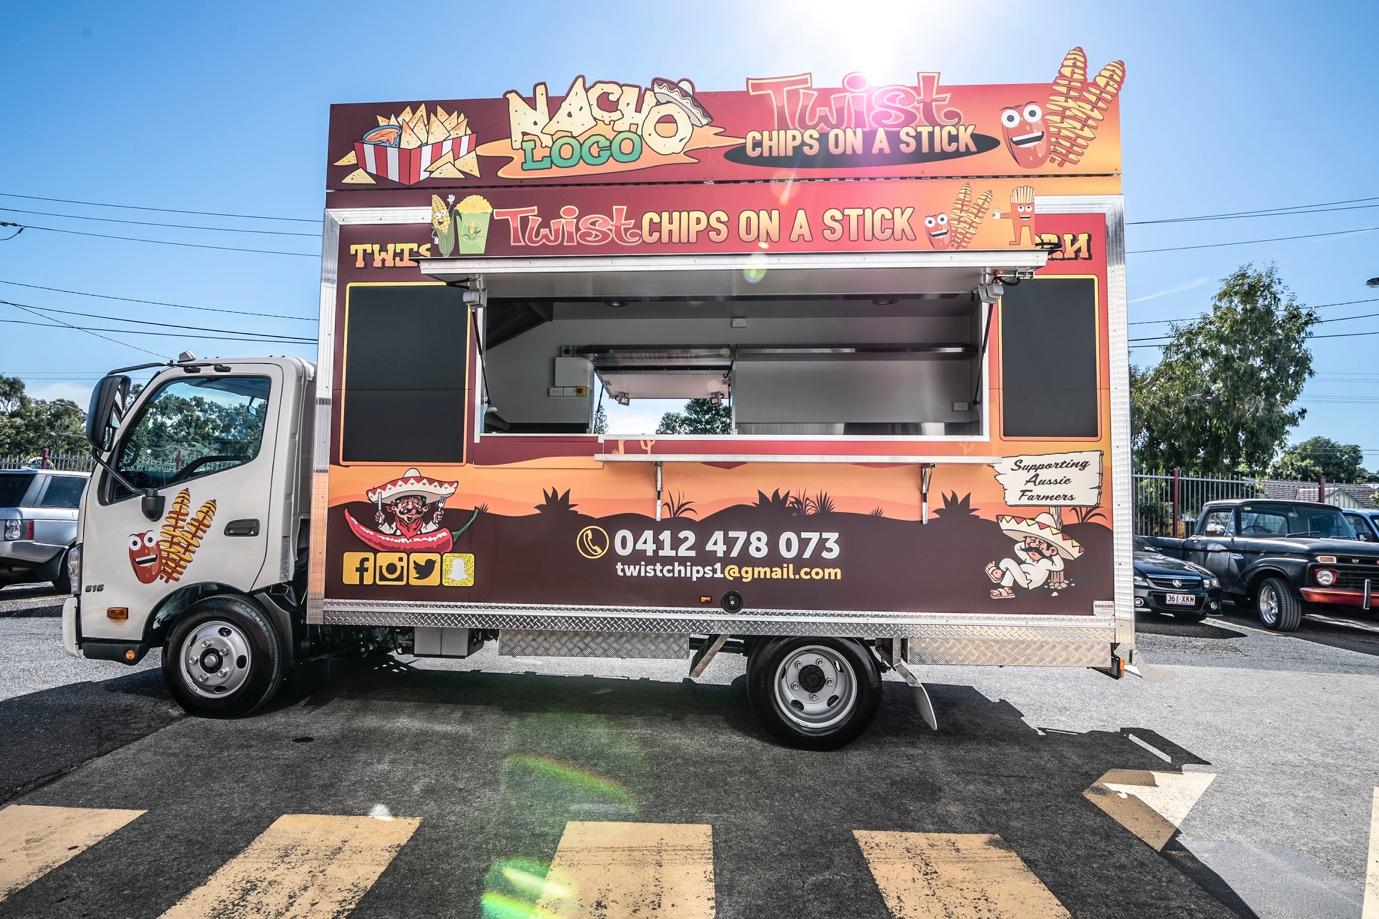 Twist Chip Food Truck